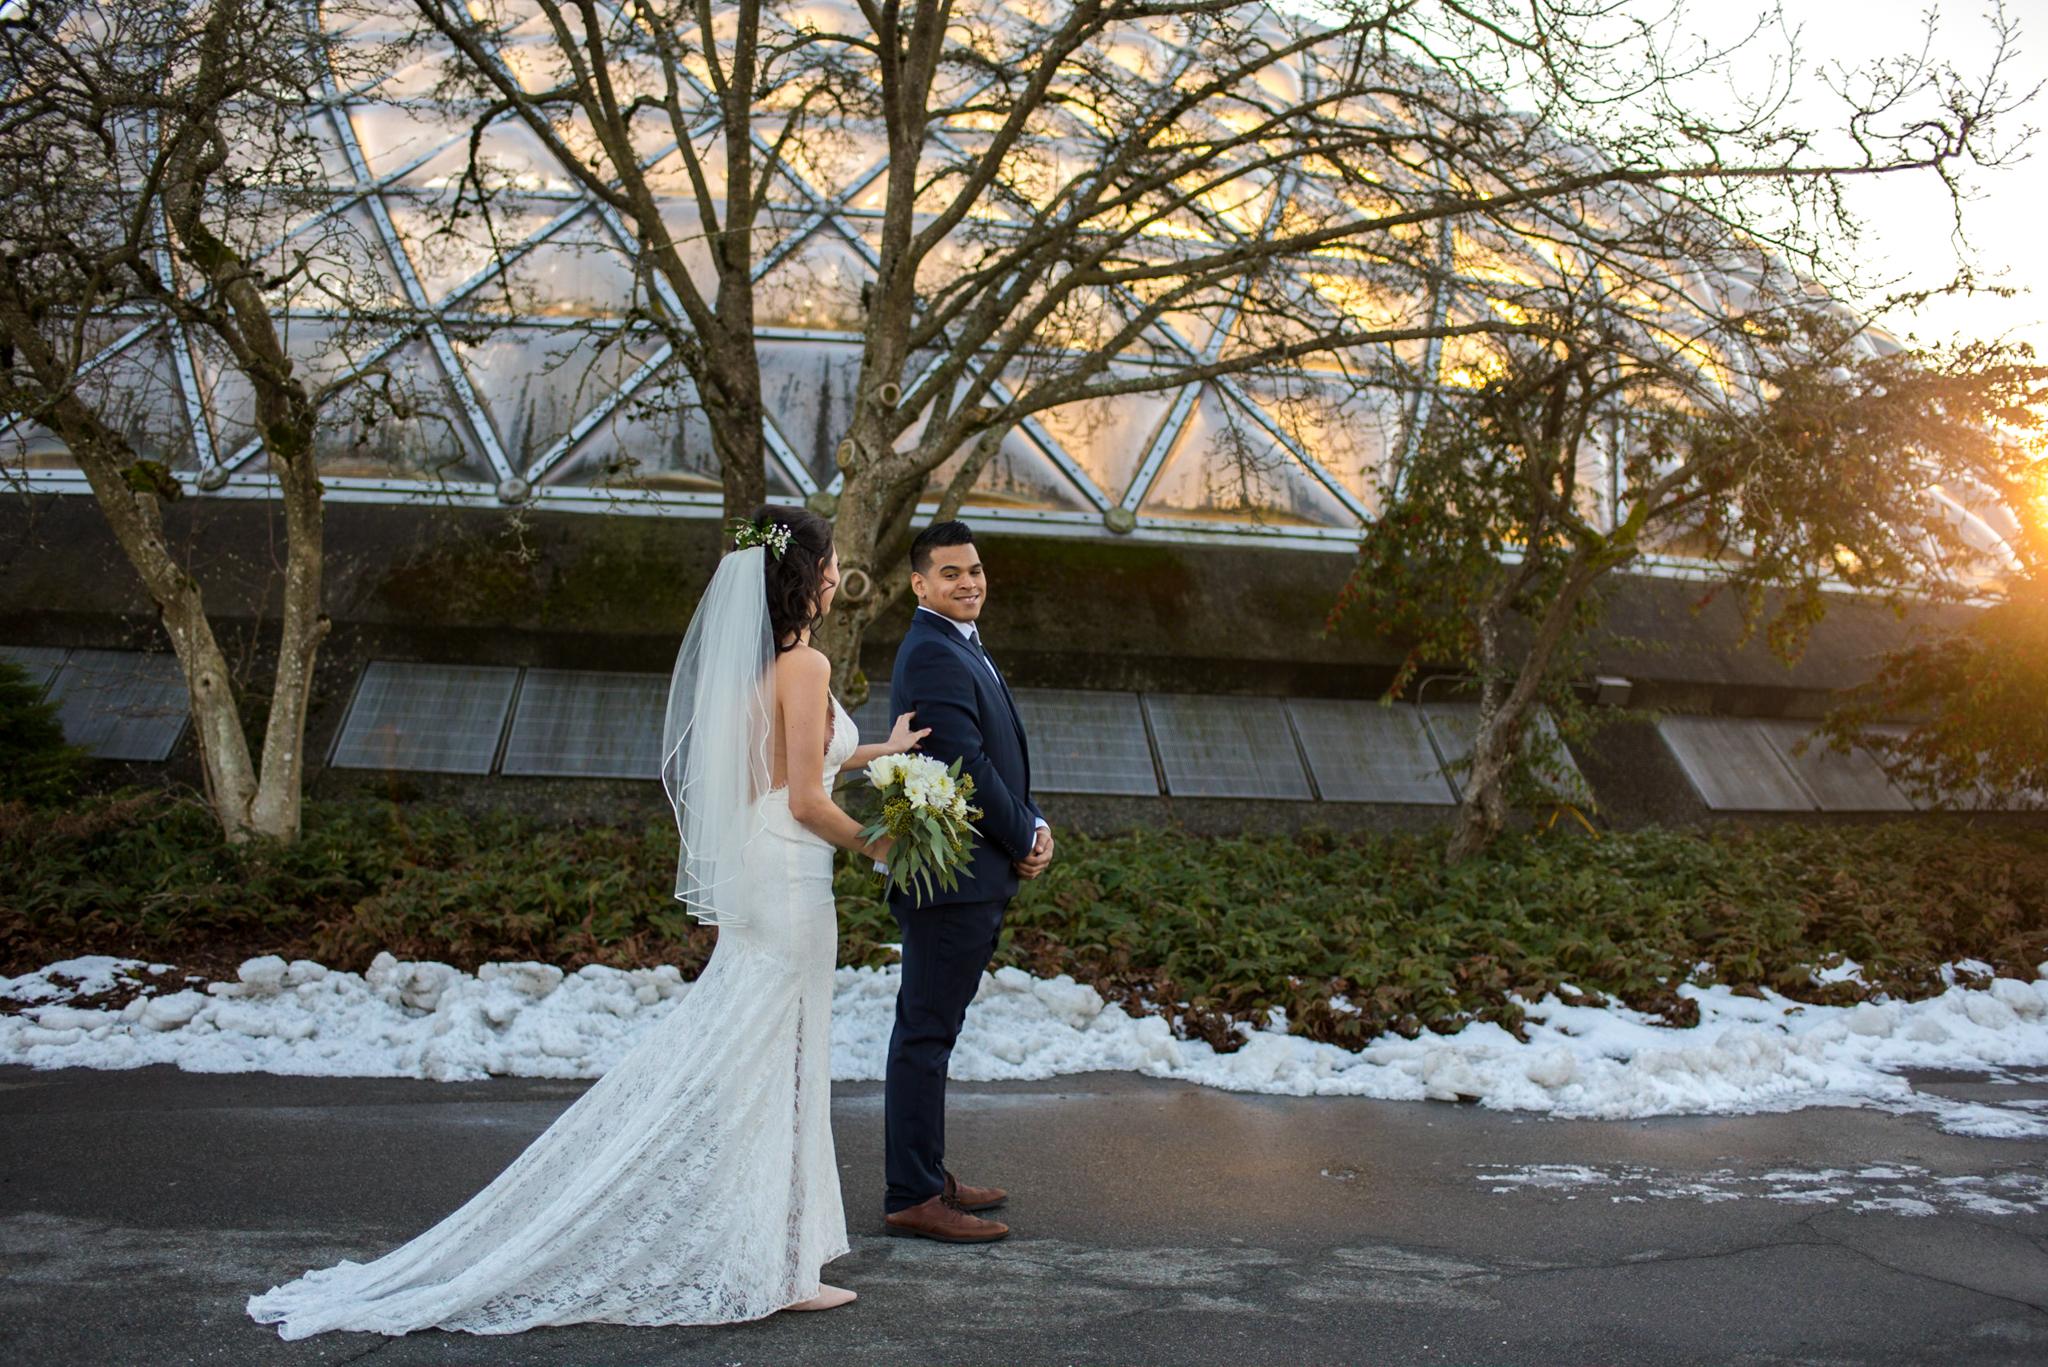 Queen Elizabeth Park Wedding Photographer-8.JPG